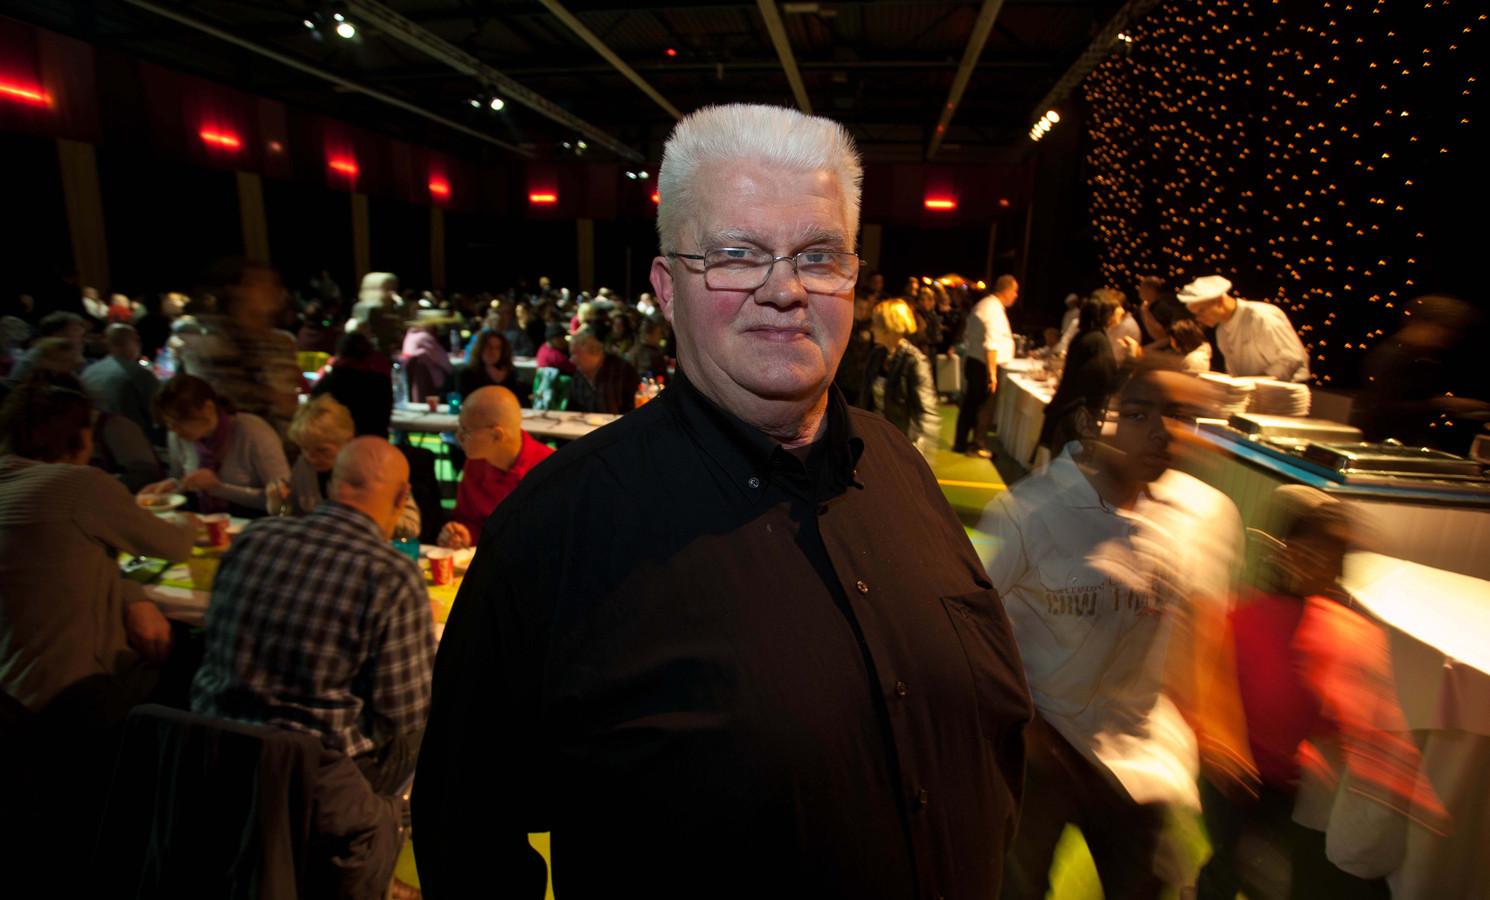 Kerstdinerorganisator Joop van Ommen op een archieffoto.